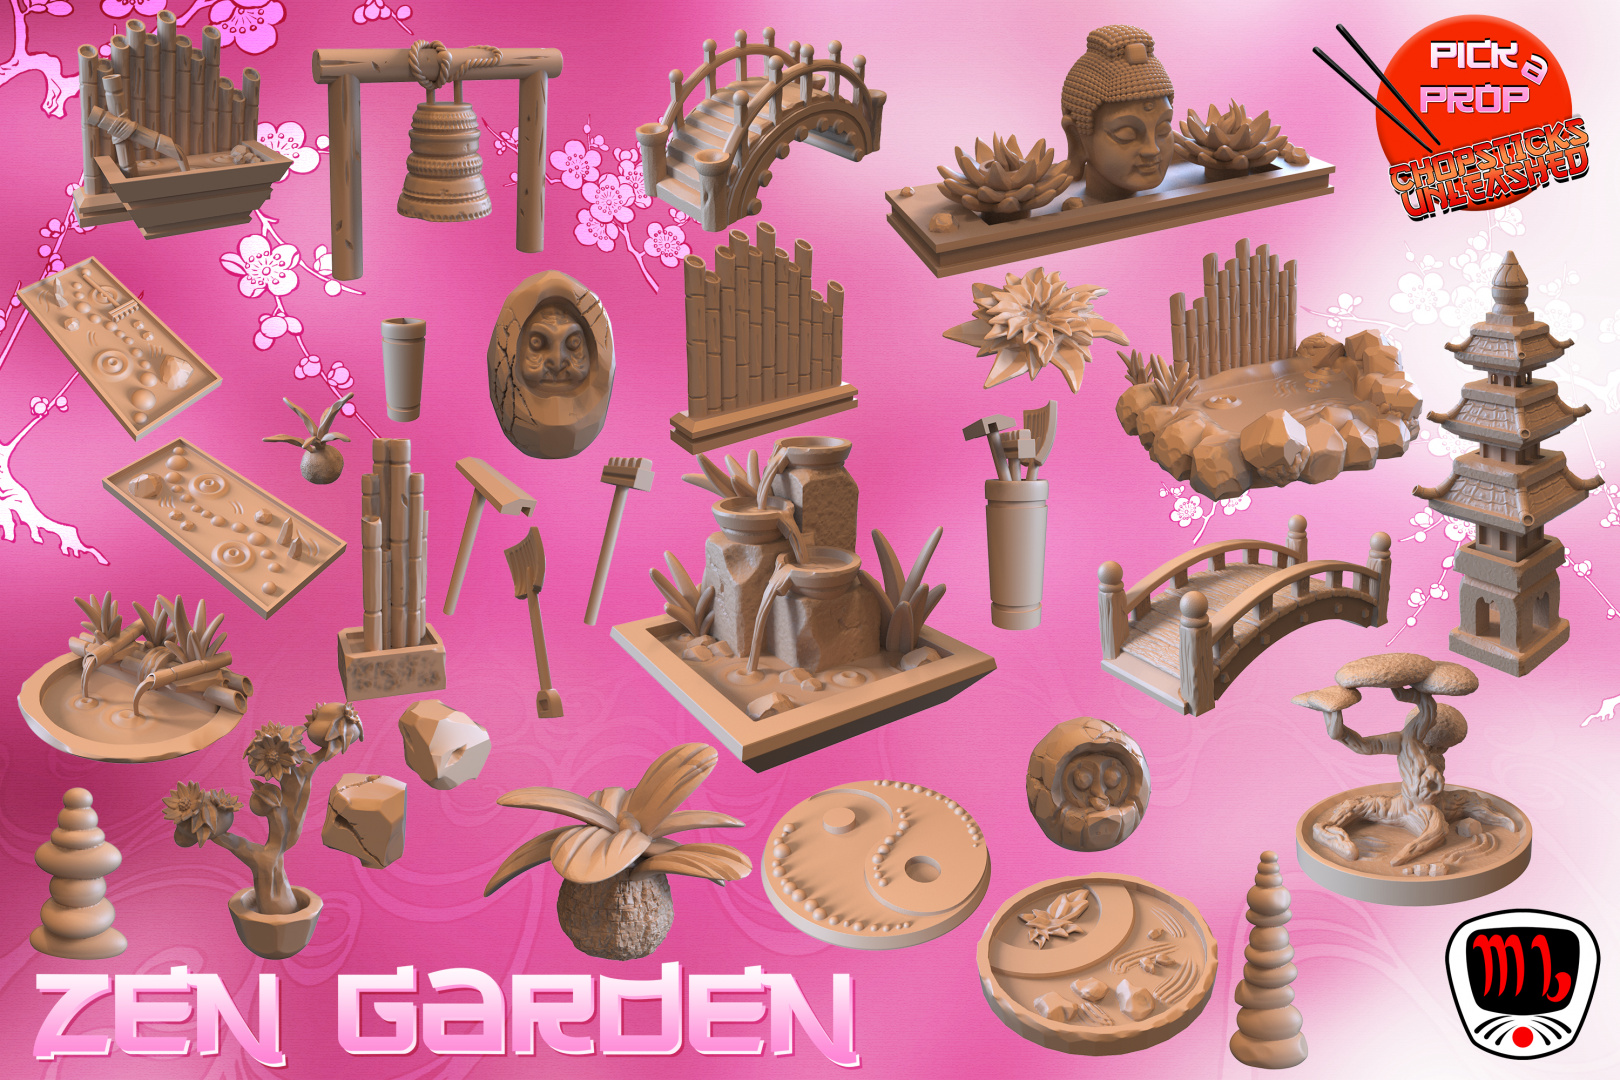 resize-zen-garden.jpg